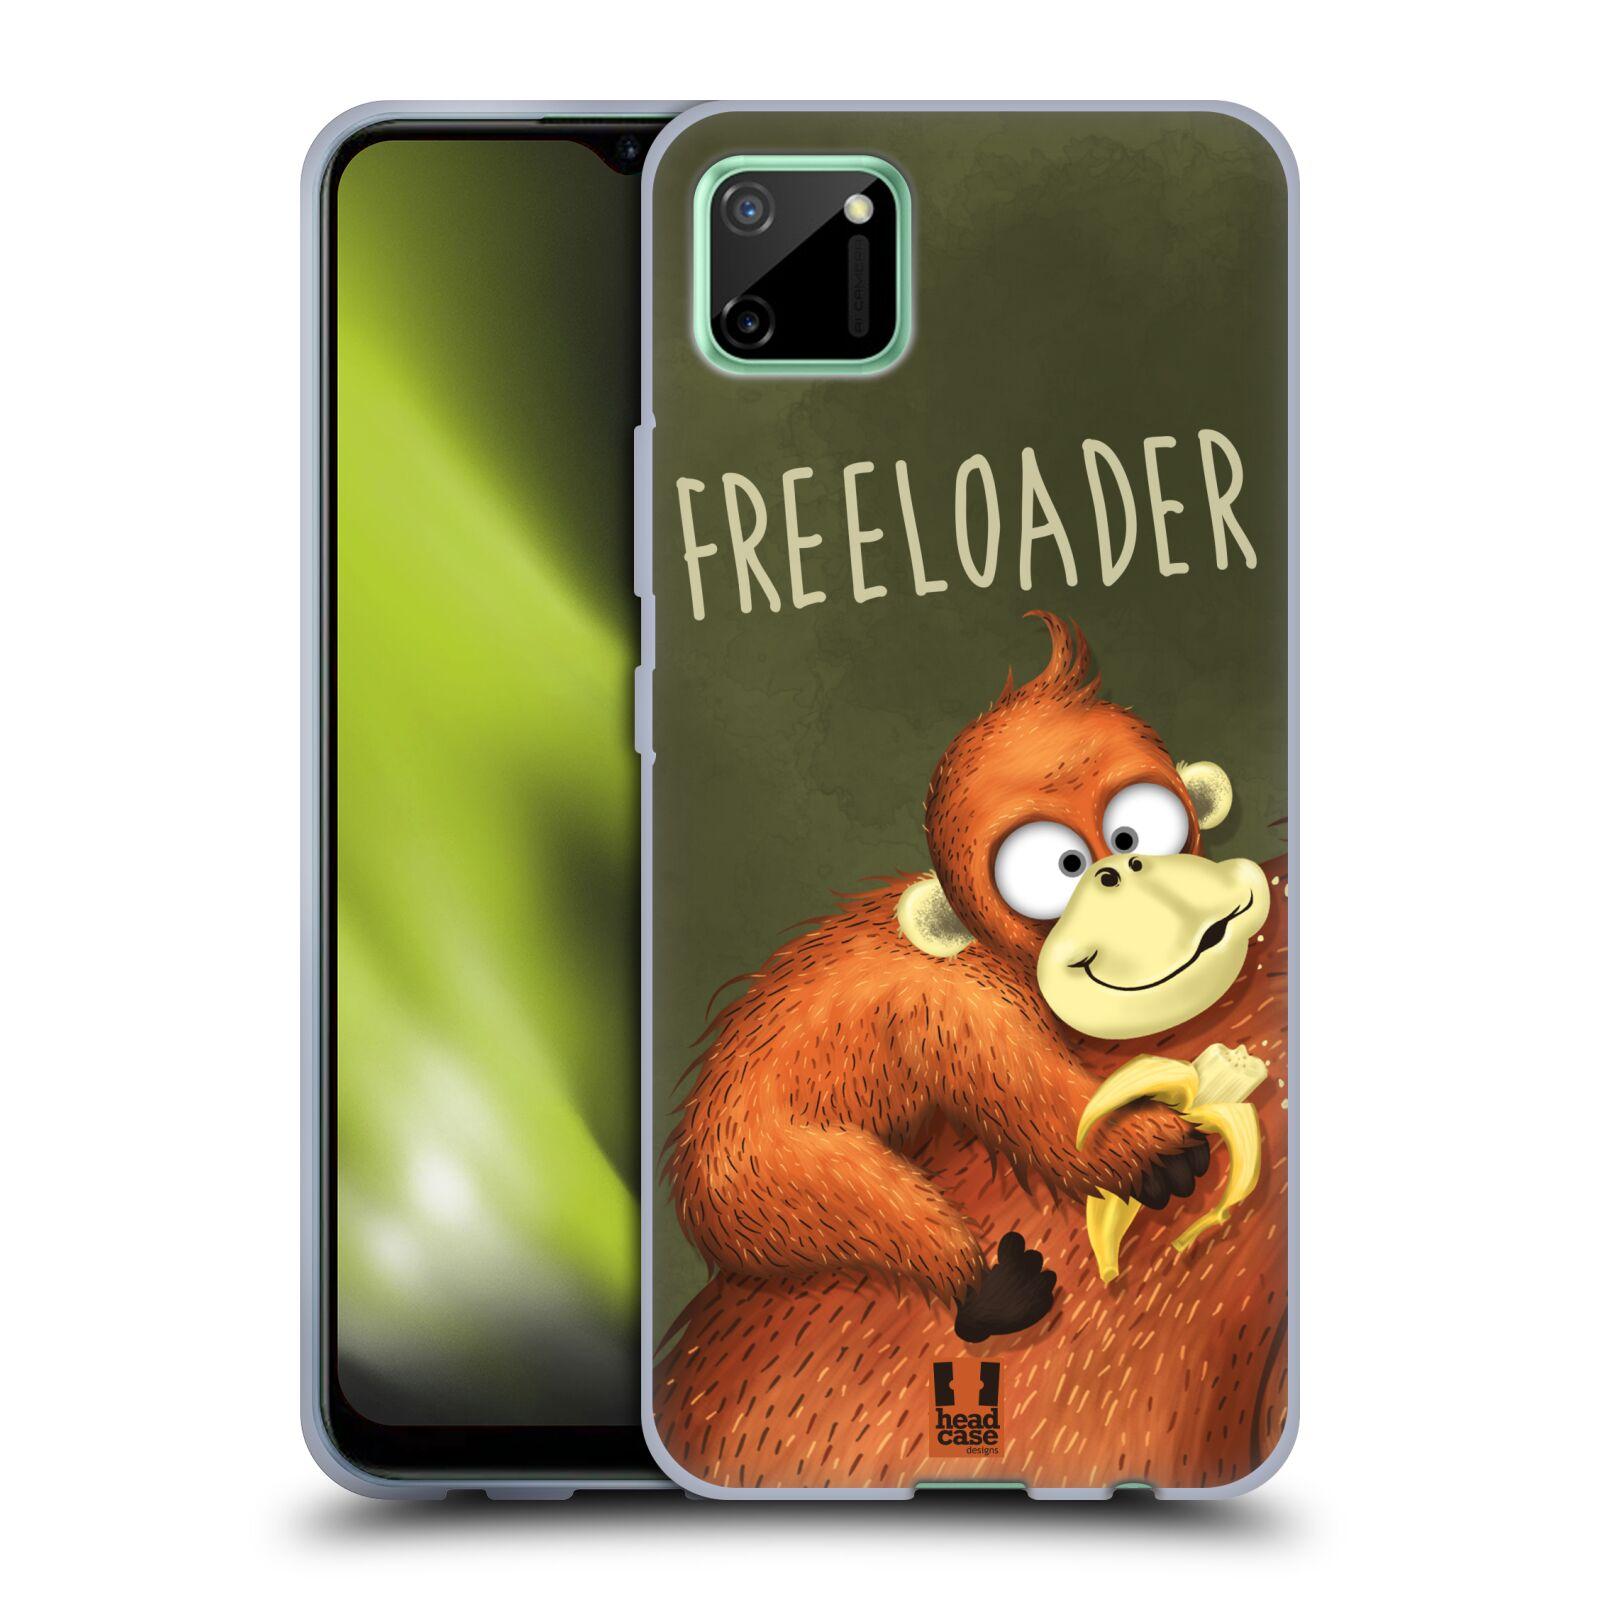 Silikonové pouzdro na mobil Realme C11 - Head Case - Opičák Freeloader